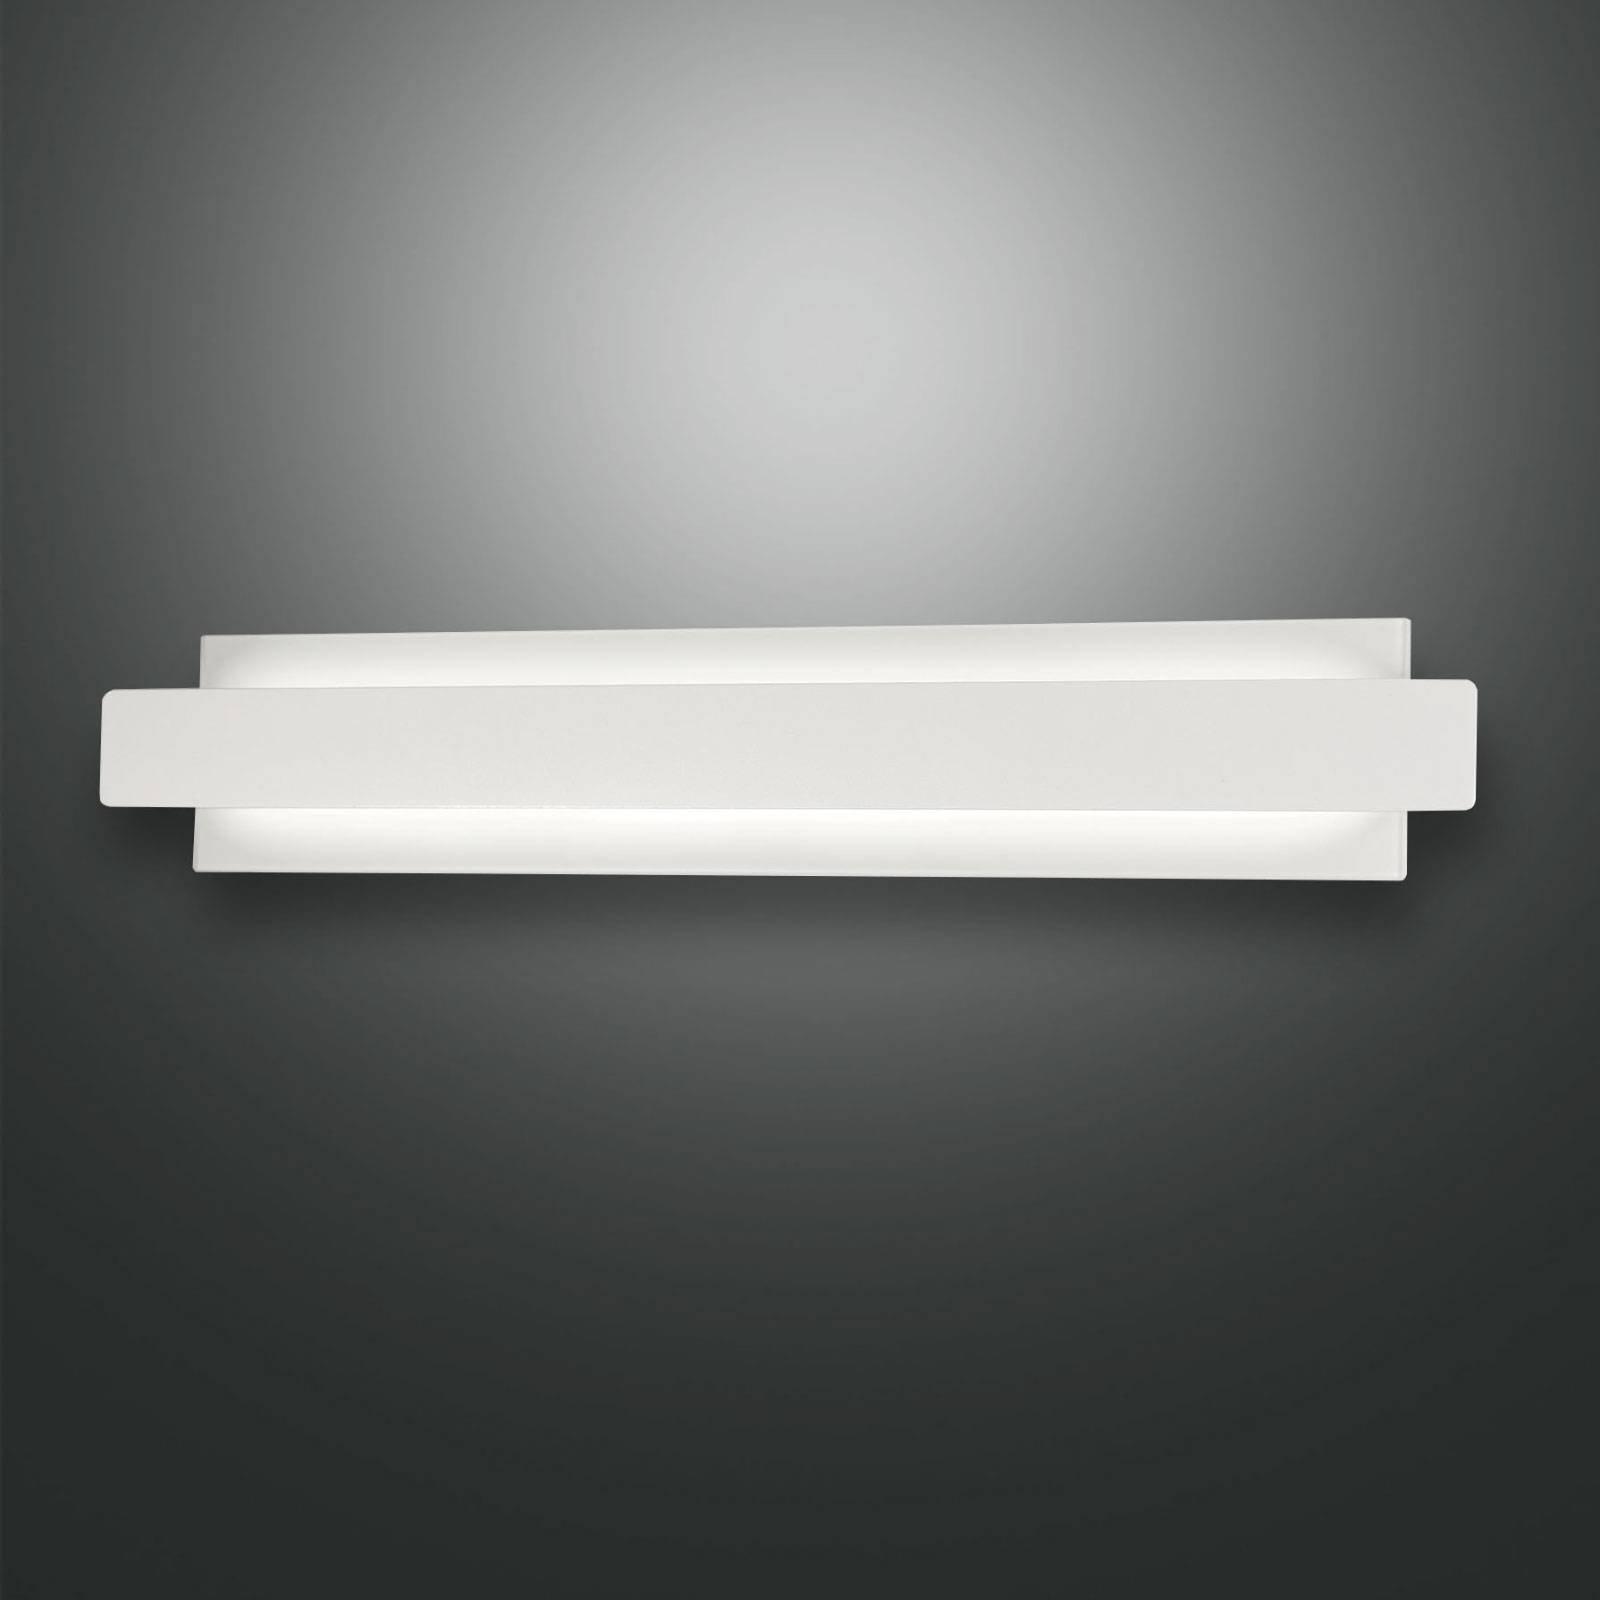 LED-vegglampe Regolo med metallfront, hvit